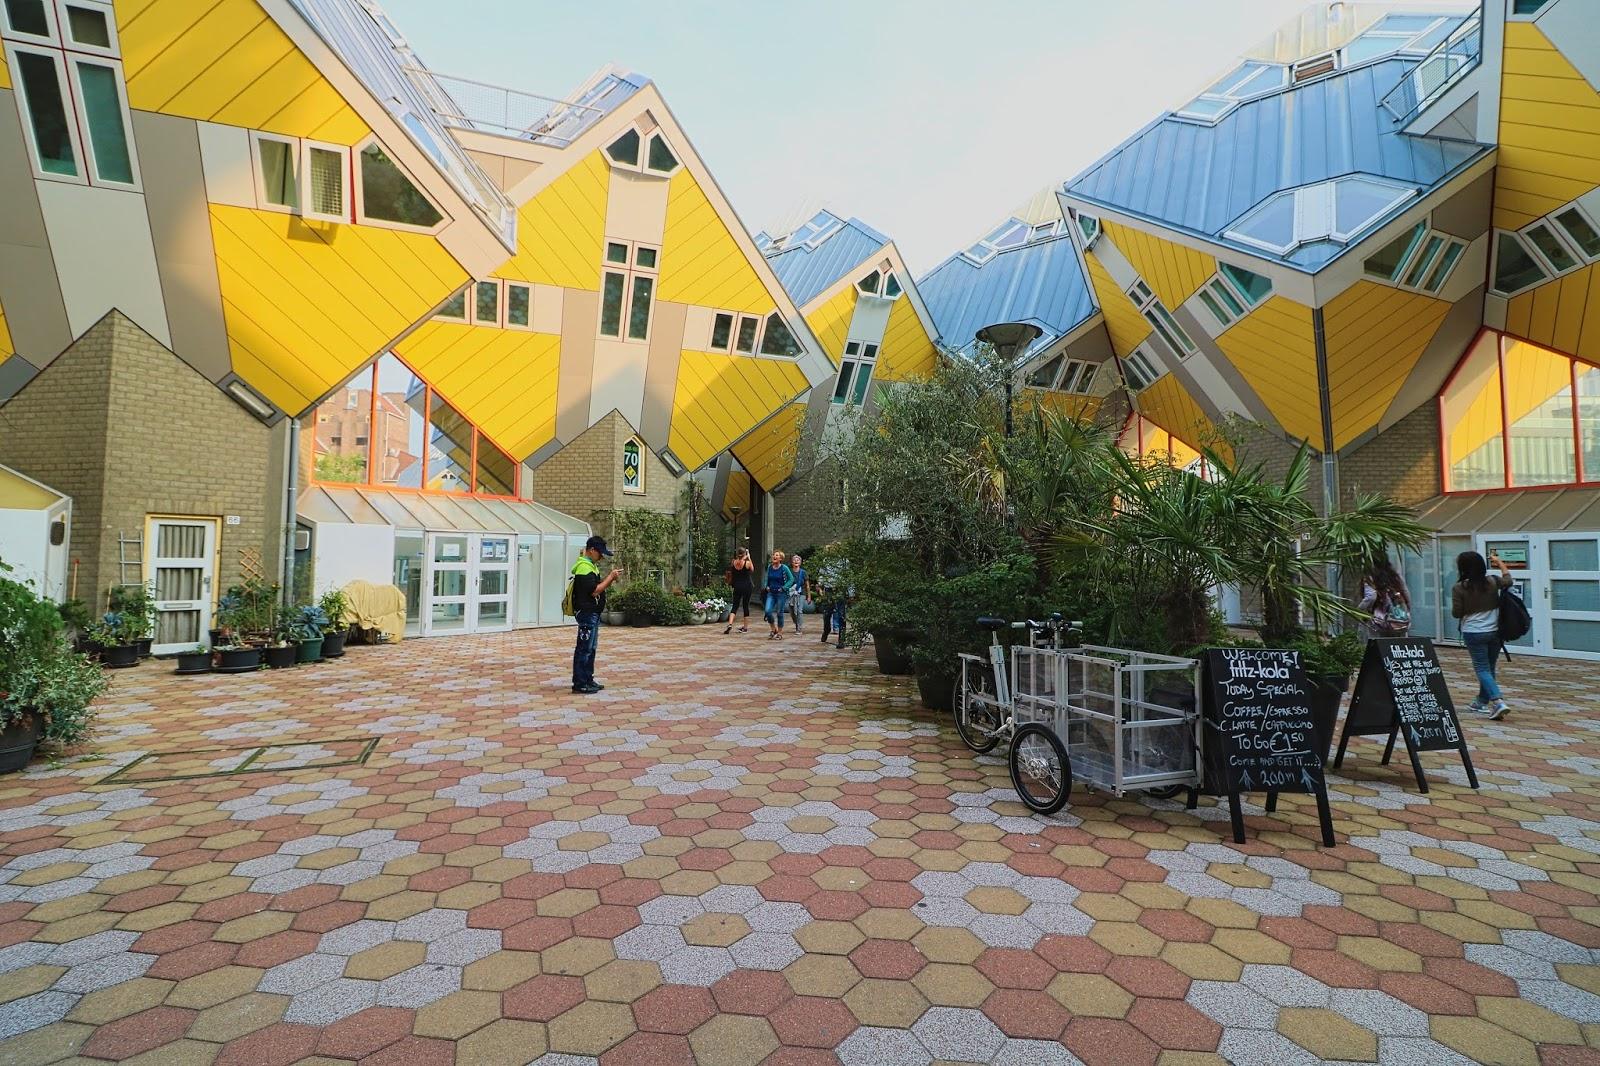 Holandia, kwadratowe domki, podróże